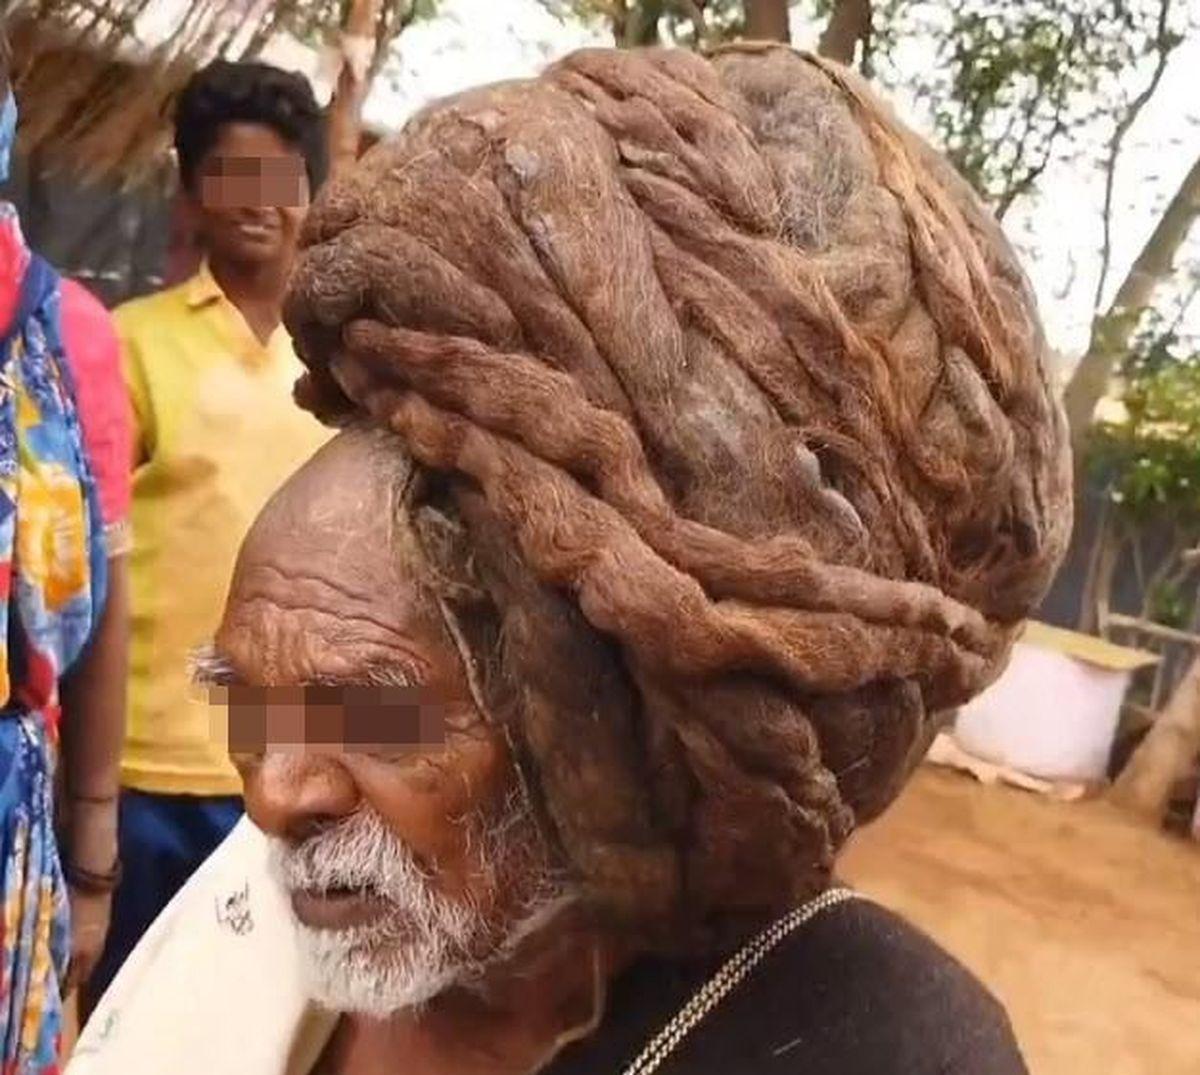 Doddapalliah, un indien de 95 ans, affirme qu'il ne s'est jamais coupé les cheveux. Considéré comme un Dieu, le coupage capillaire lui ferait perdre son statut de divinité.